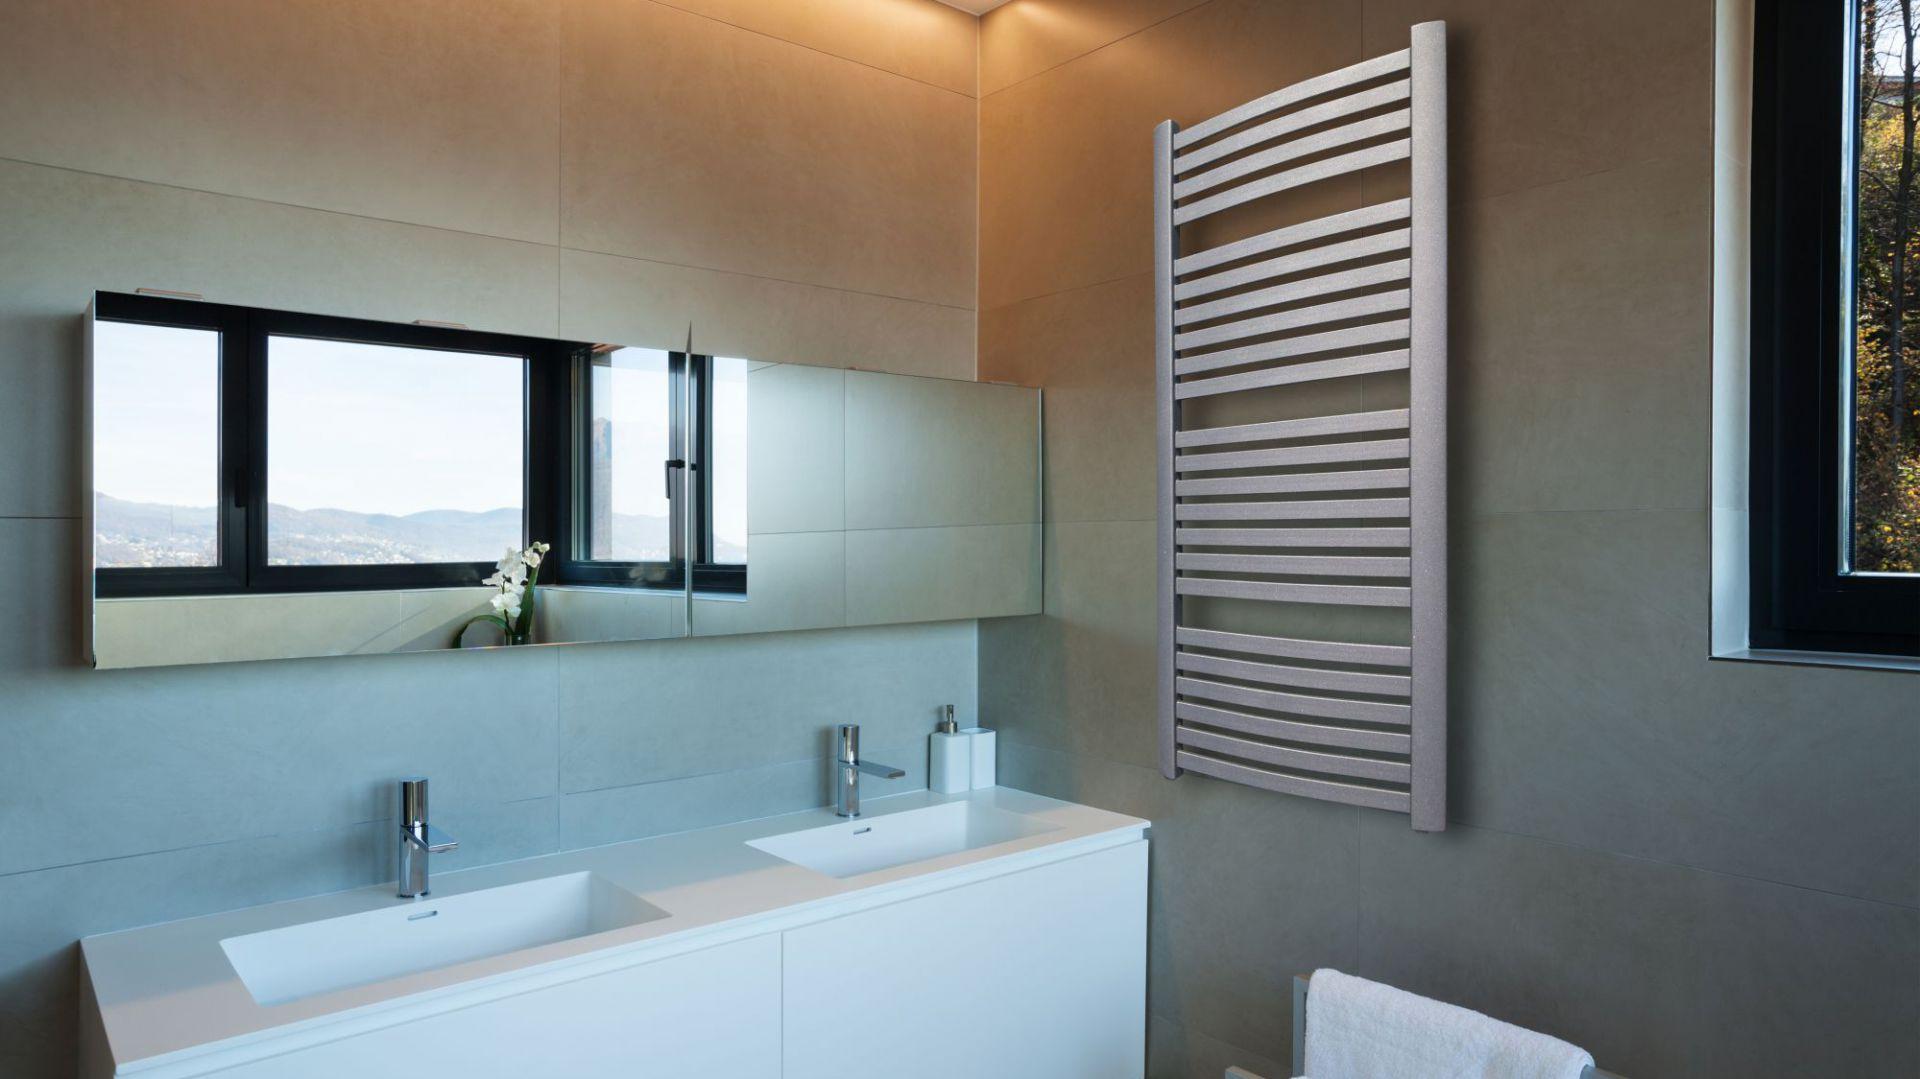 Aranżacja łazienki: postaw na biały grzejnik. Grzejnik Kastor. Fot. Luxrad